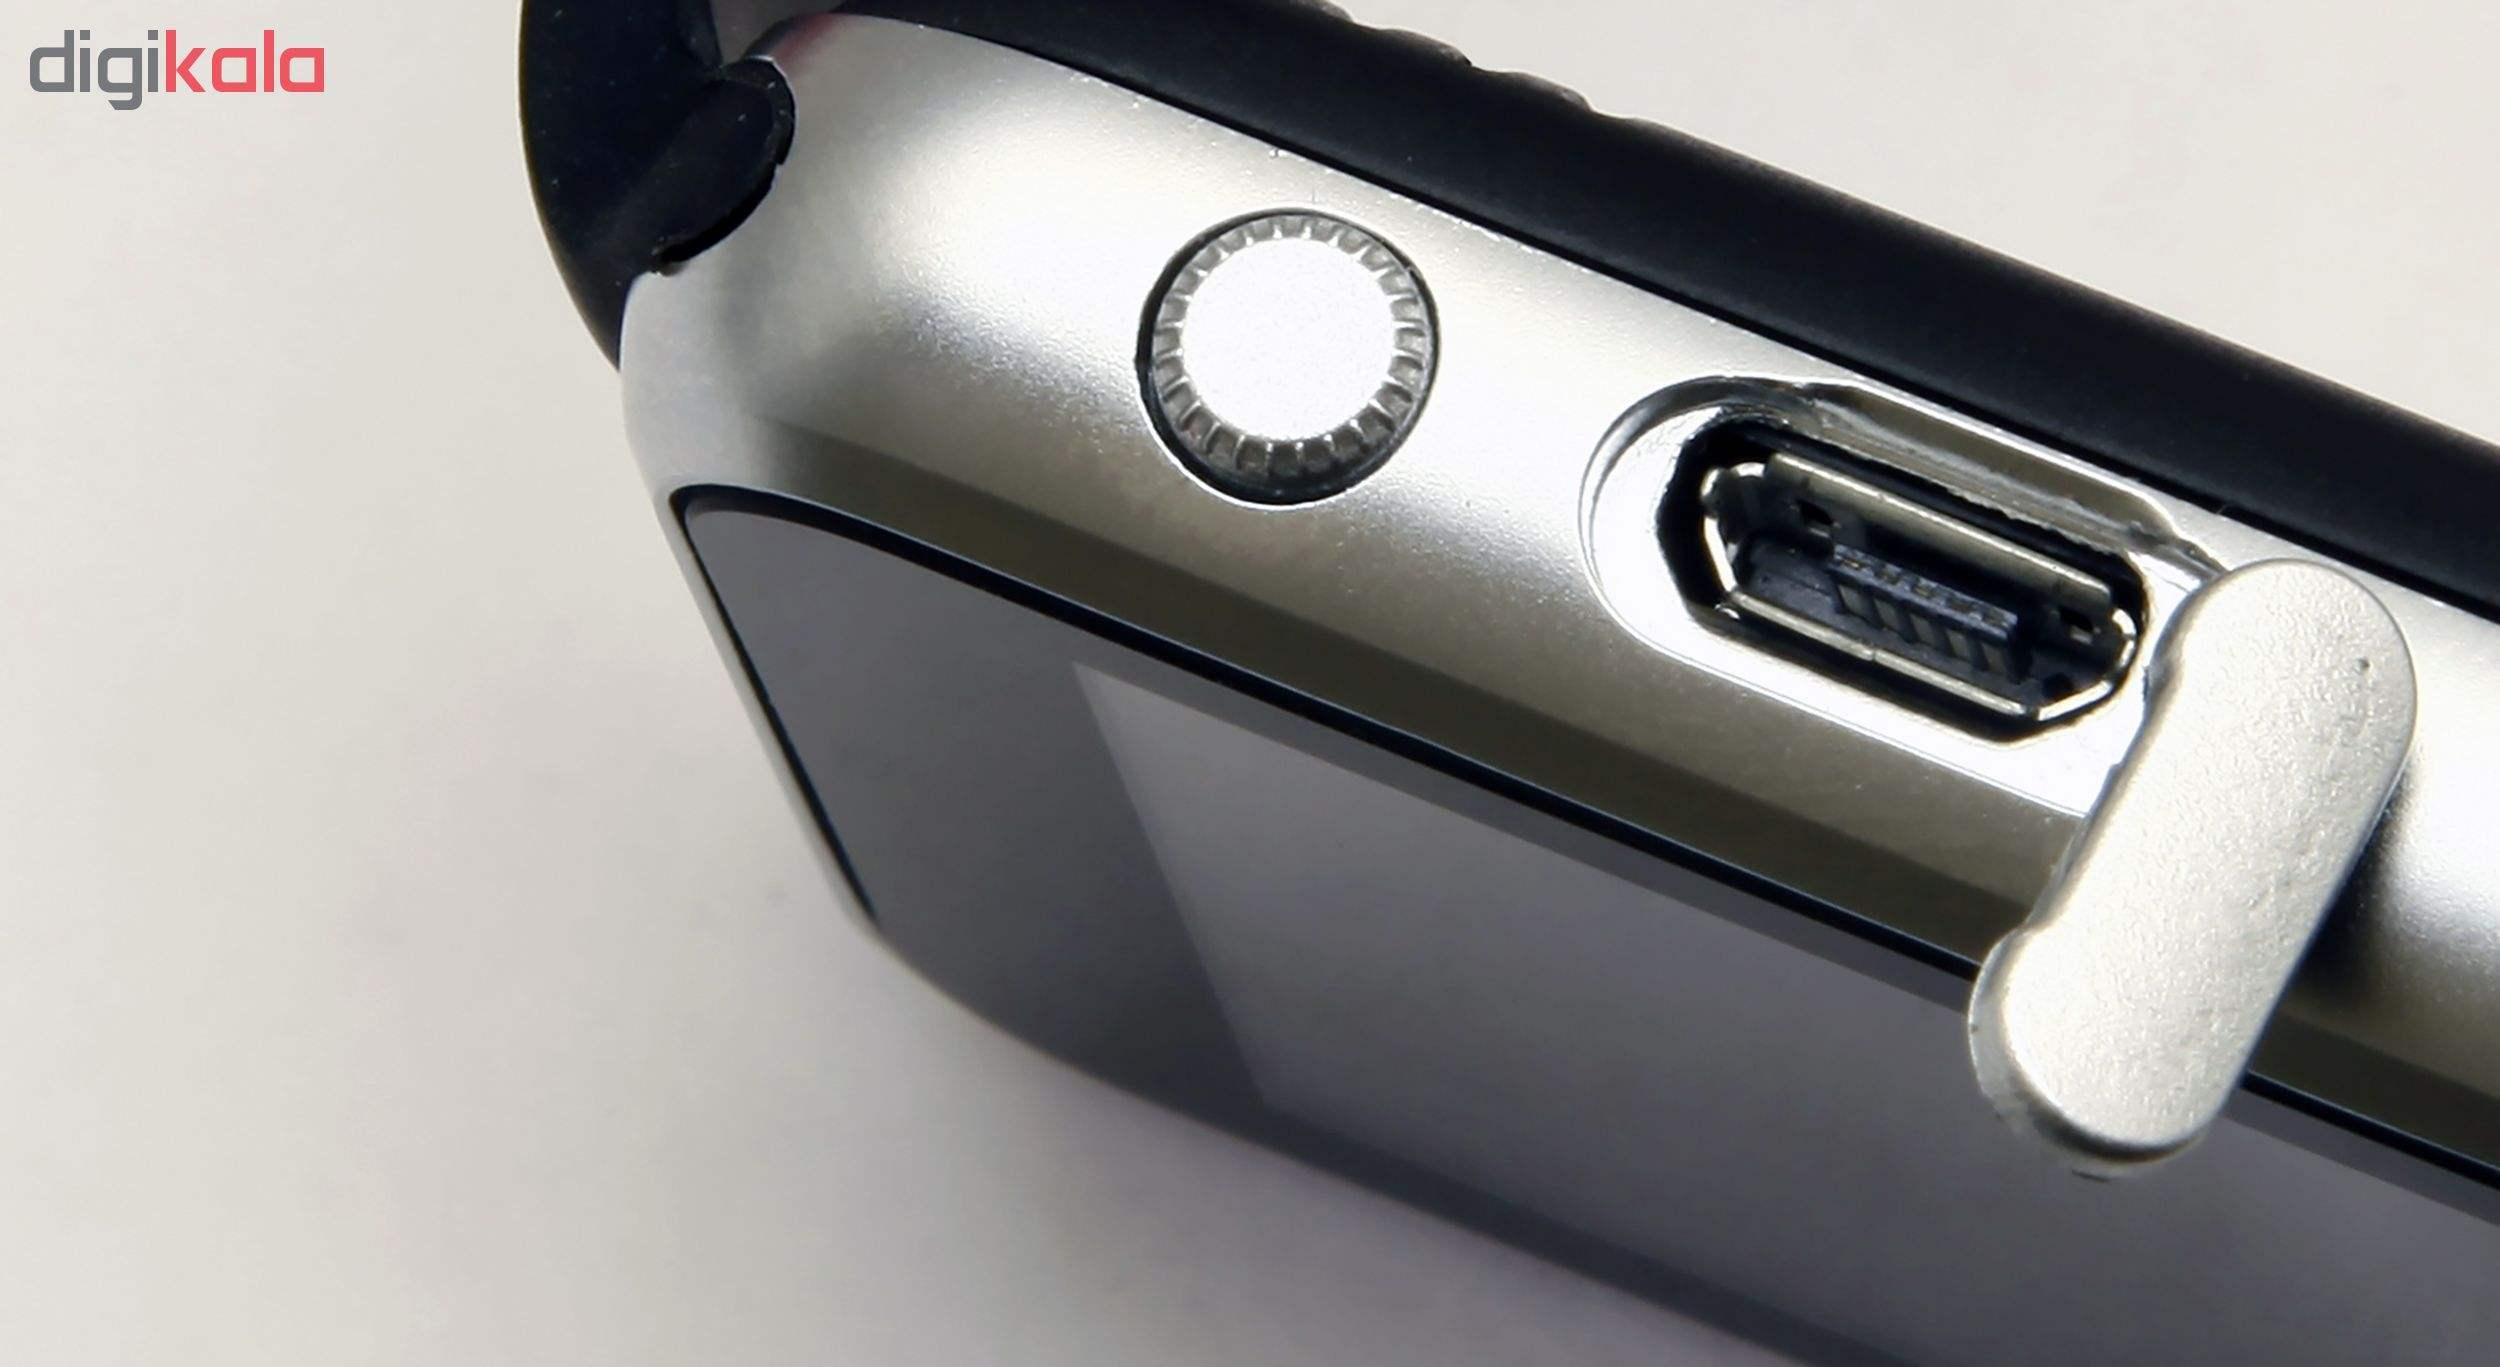 ساعت هوشمند جی تب مدل W101 main 1 6